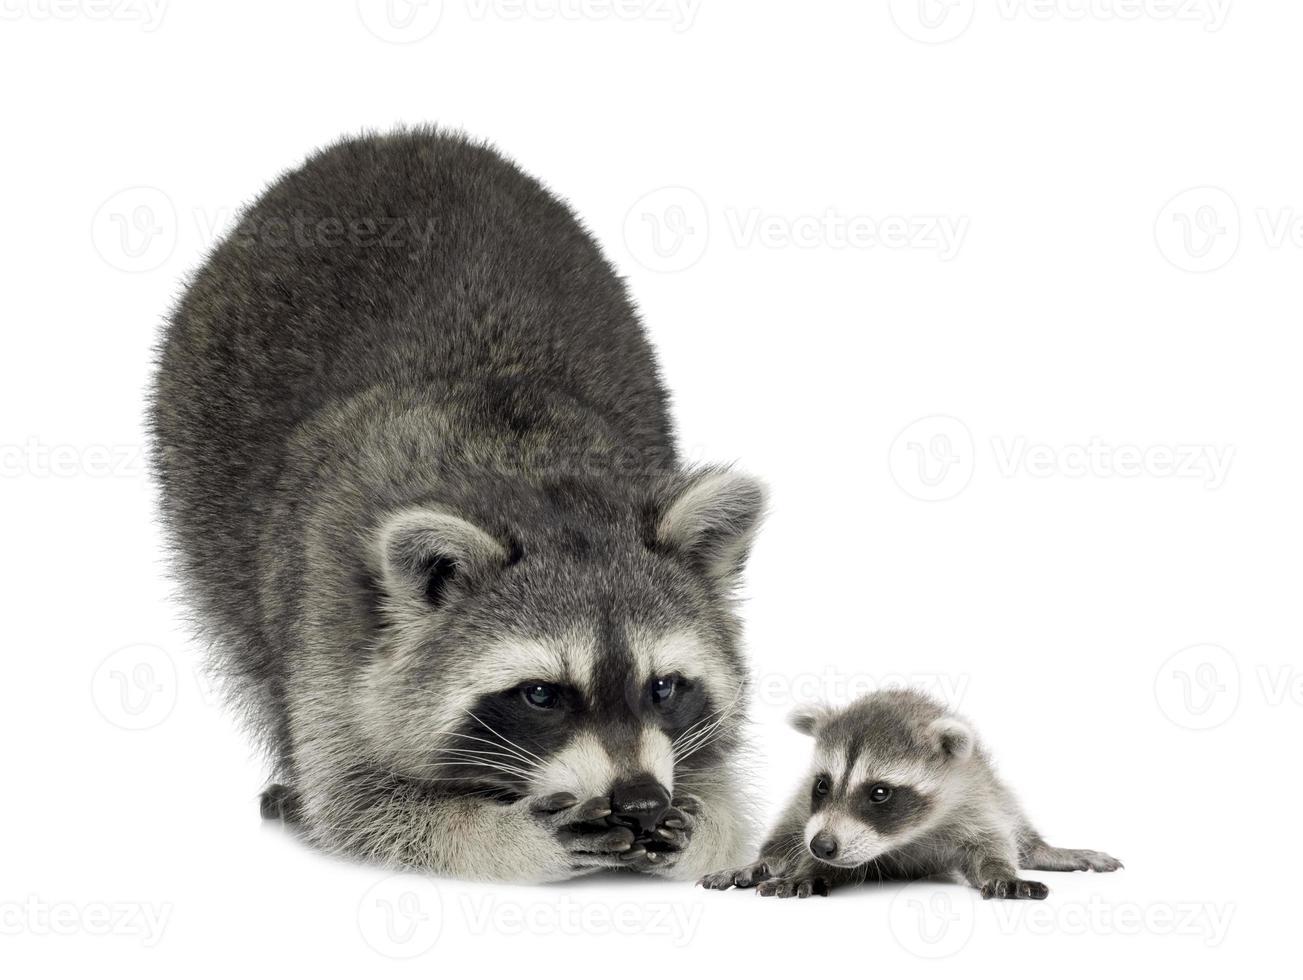 mapache y su bebé - procyon lotor foto